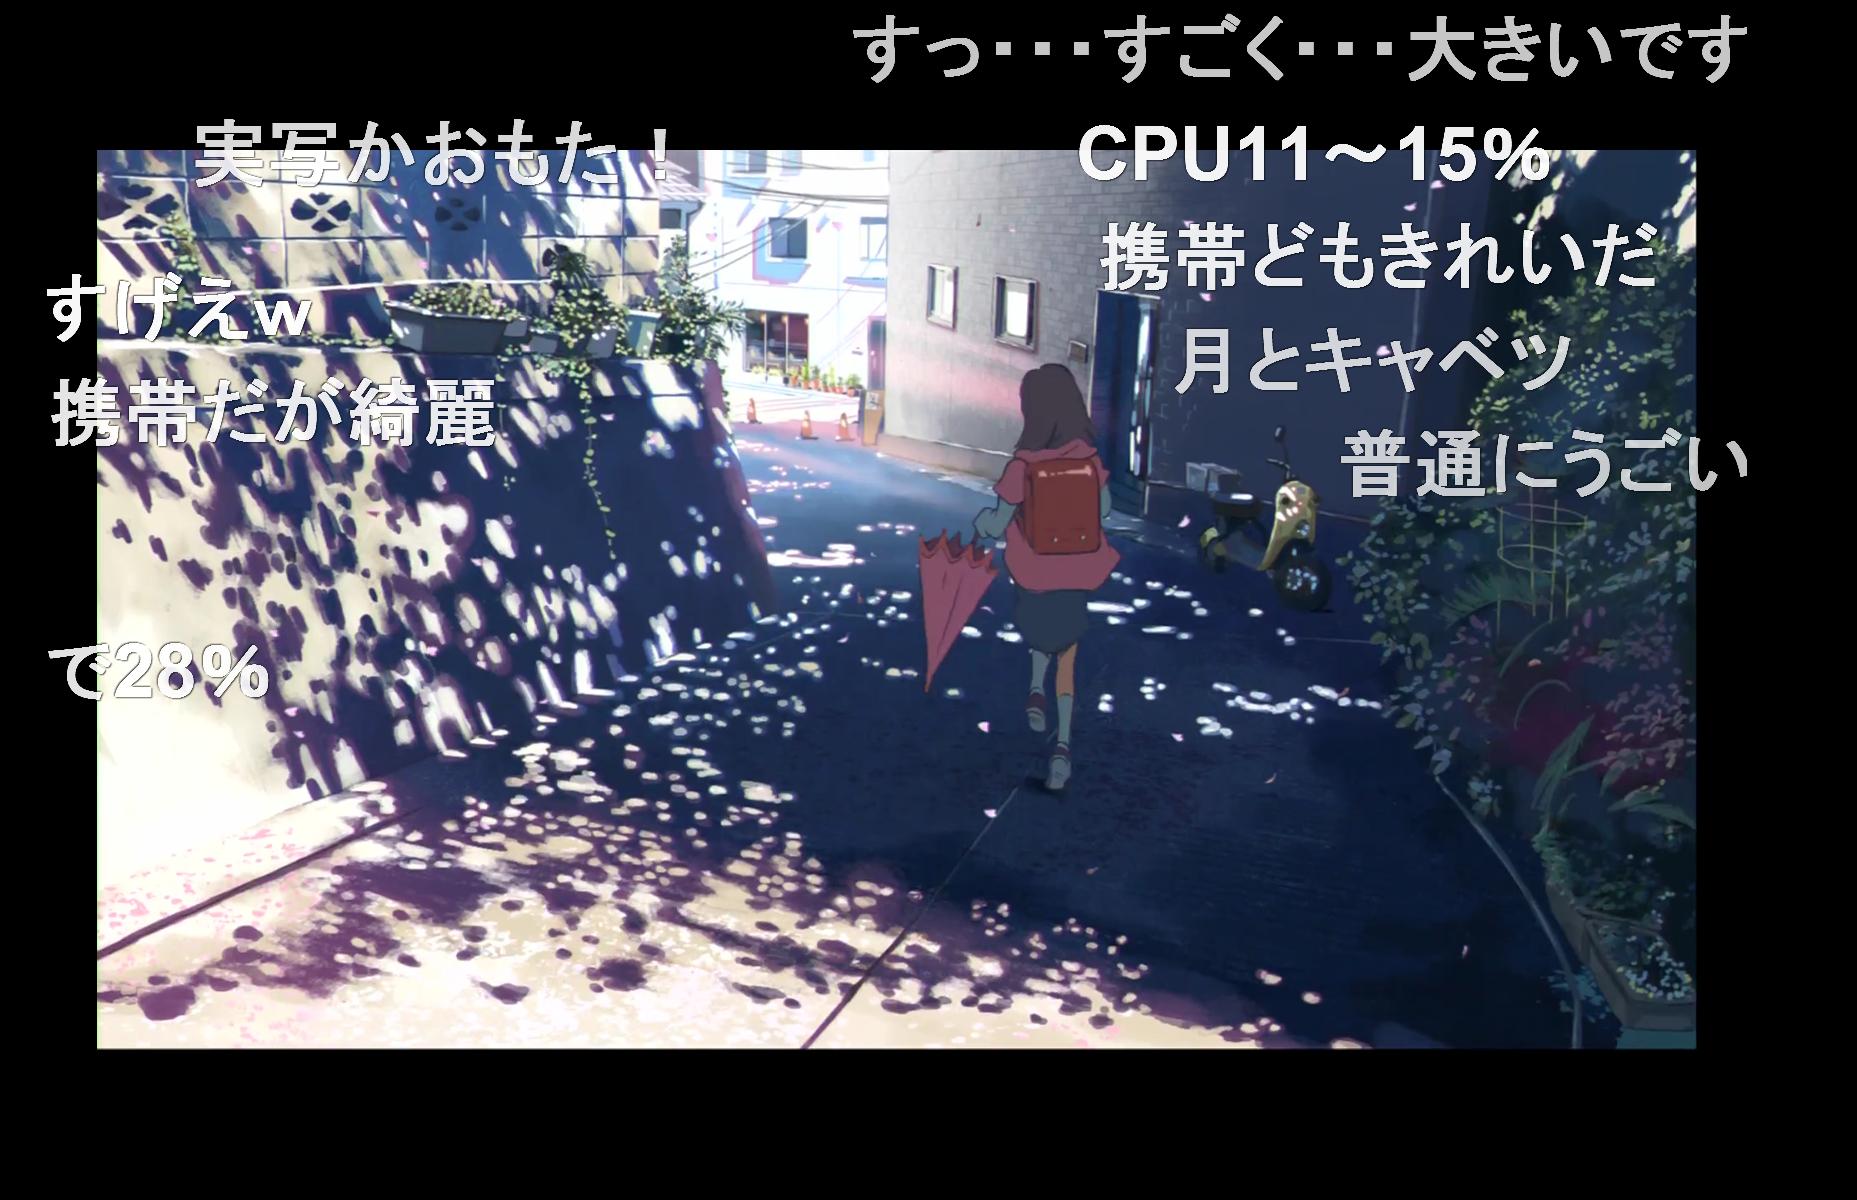 f:id:haru-s:20091030181712p:image:w600